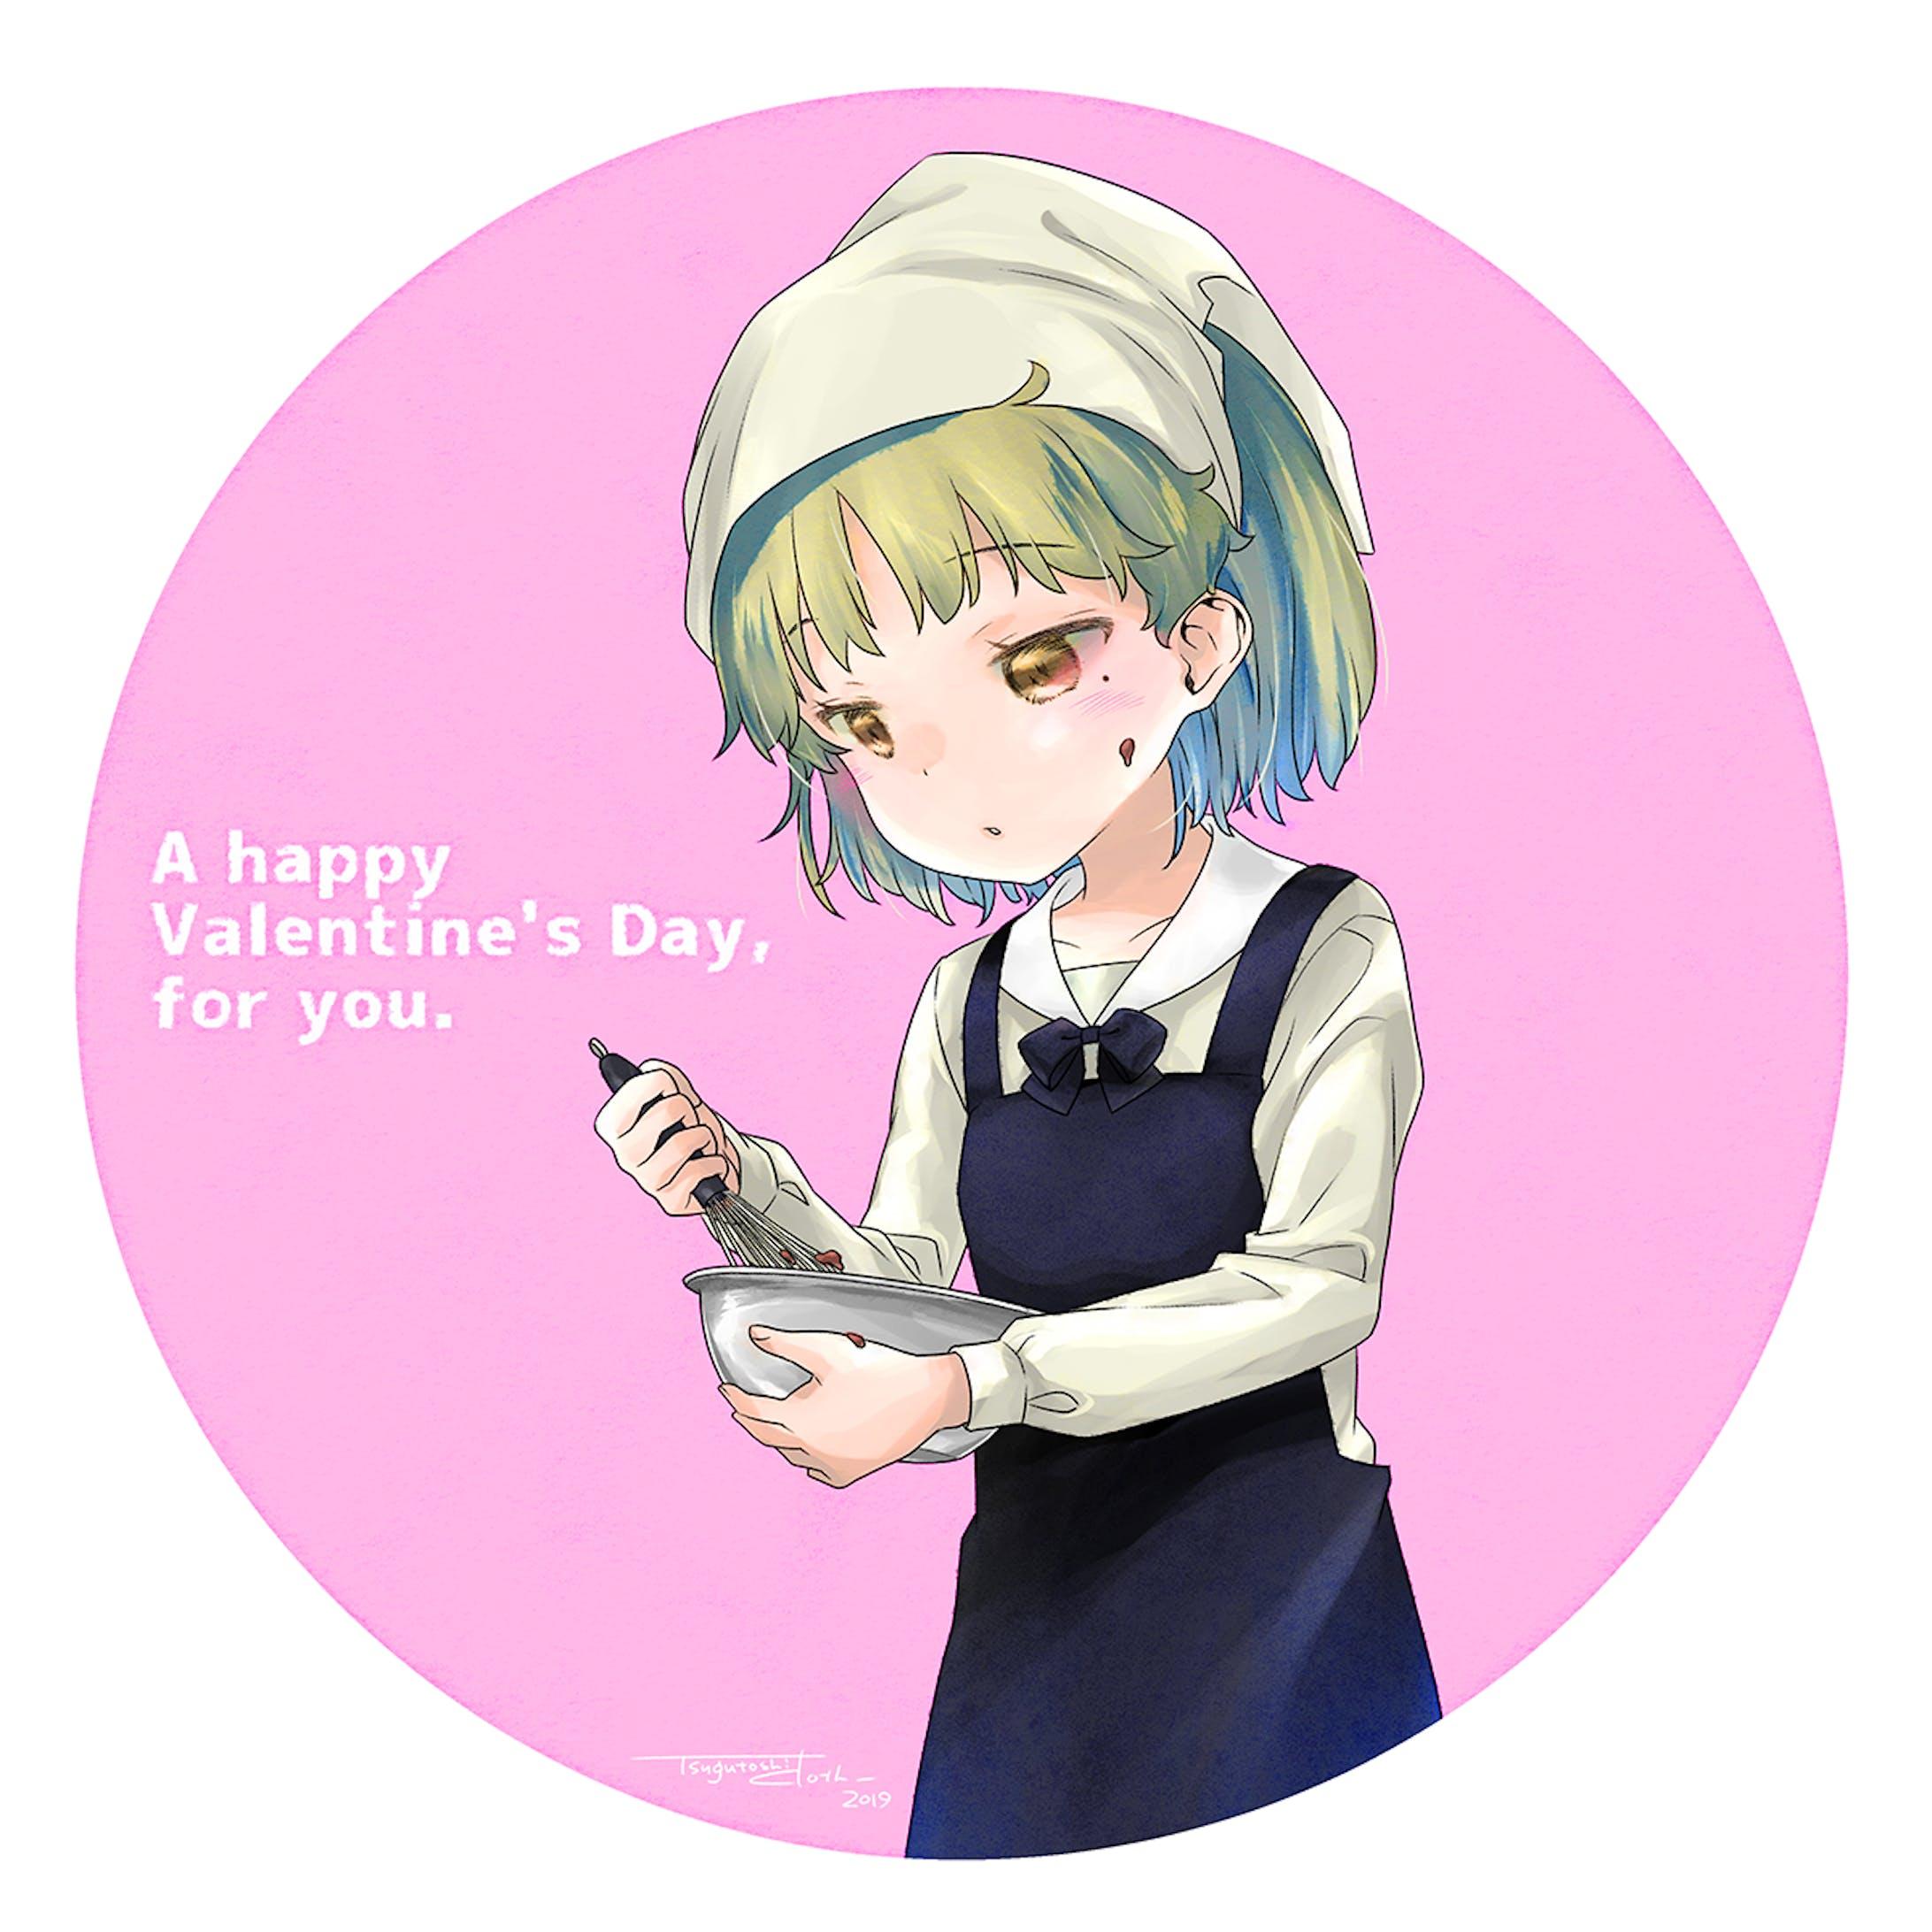 バレンタイン鳩羽つぐ2019-1